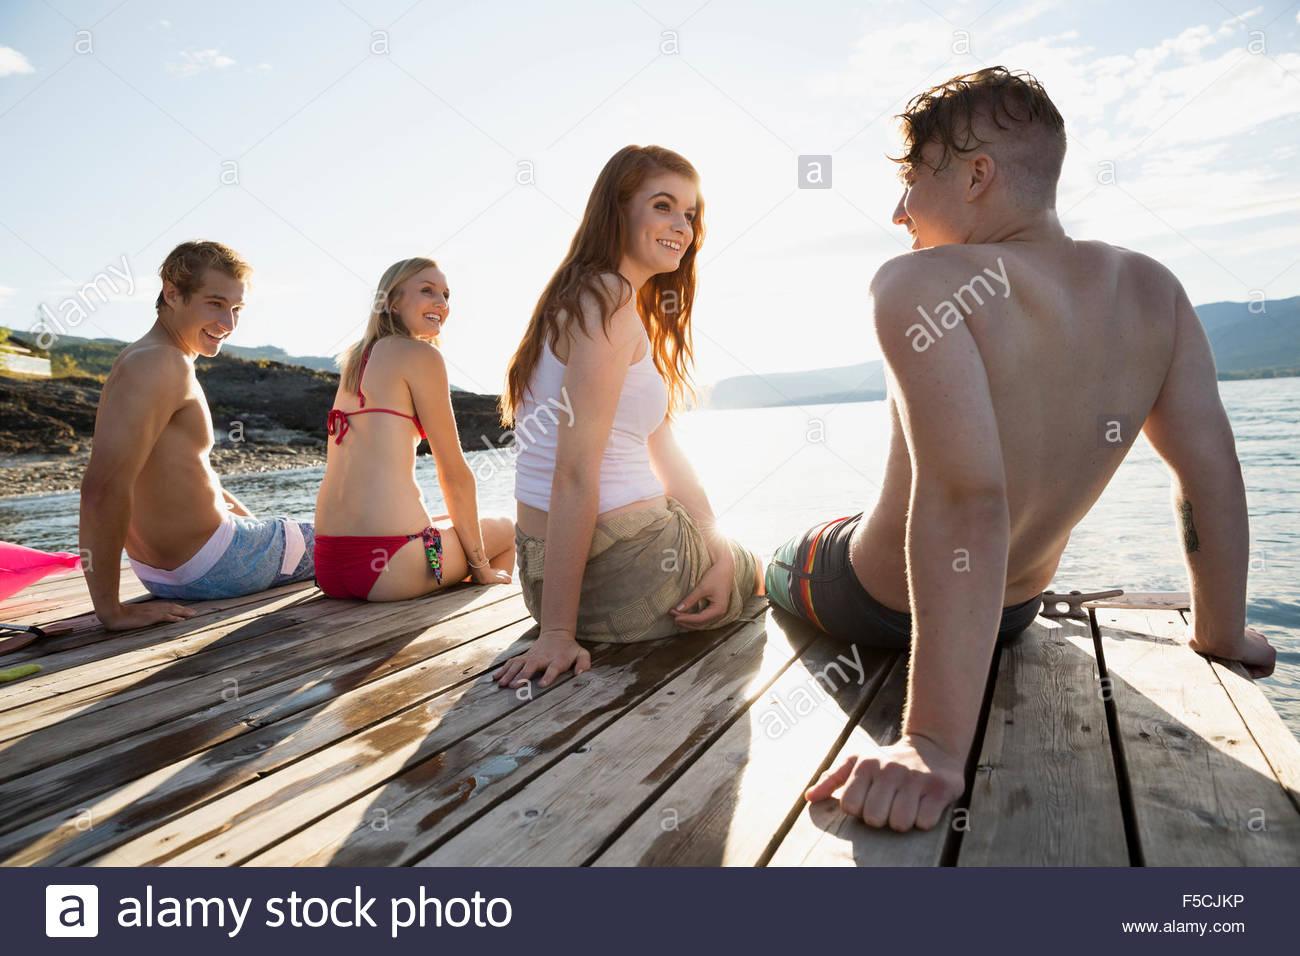 Junge Freunde hängen auf sonnigen See dock Stockbild